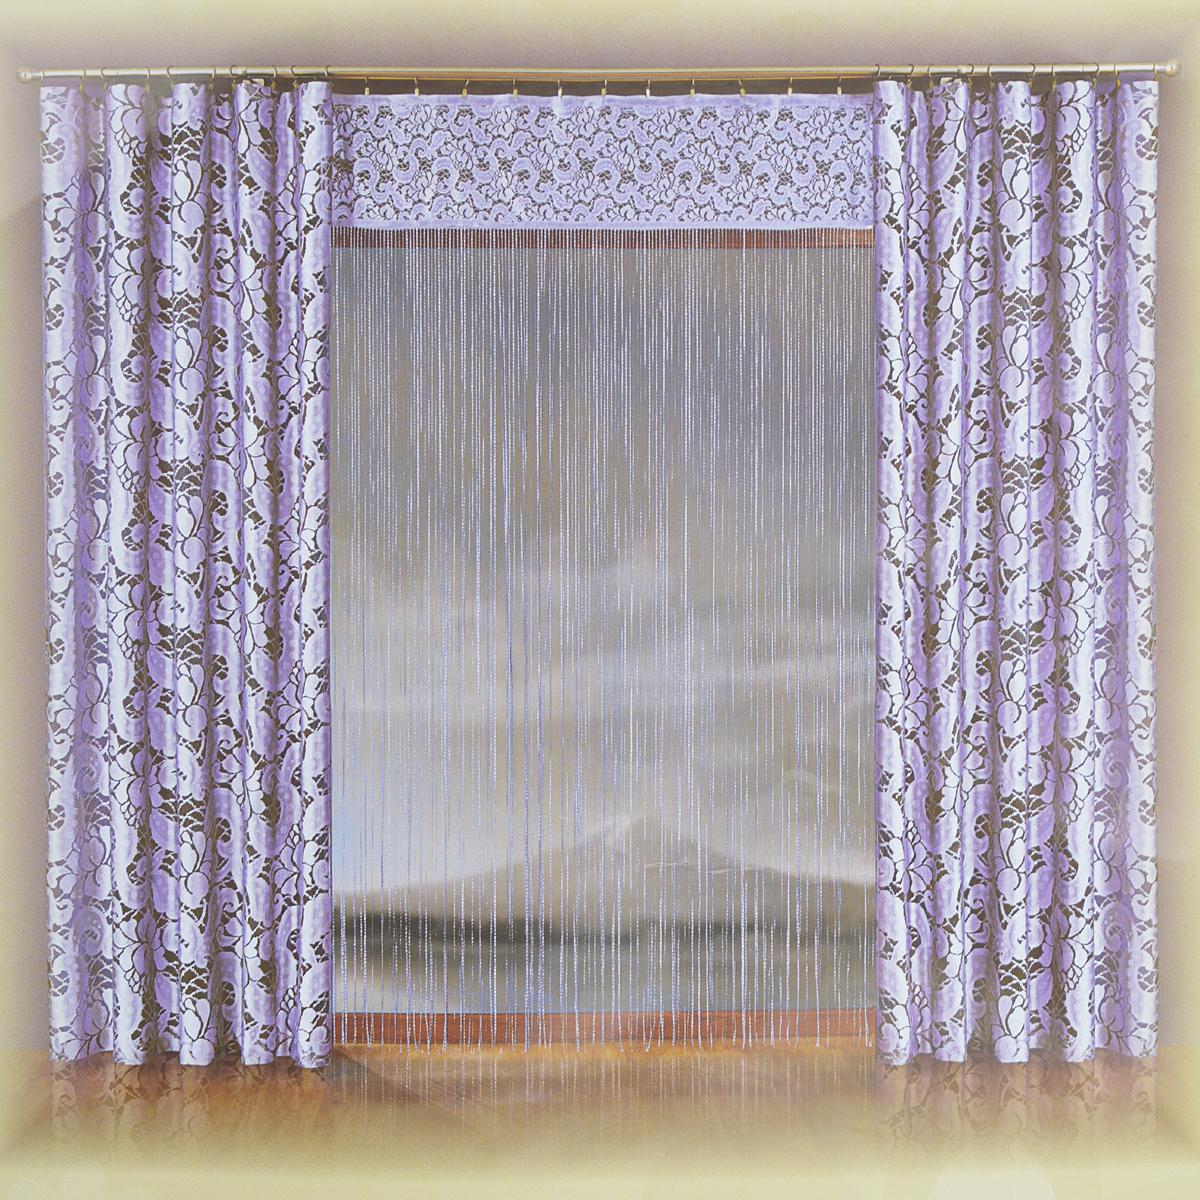 Комплект штор Wisan Agata, на ленте, цвет: лиловый, высота 250 см077W лиловыйКомплект штор Wisan Agata, изготовленный из полиэстера, станет прекрасным дополнением интерьера гостиной. В комплект входят две шторы и тюль-лапша. Изящные кружевные шторы оформлены цветочным узором. Полотно штор надежно защищает комнату от солнечного света днем и от уличного освещения вечером. Тонкое плетение, оригинальный дизайн и приятная цветовая гамма привлекут к себе внимание и органично впишутся в интерьер. Все элементы комплекта оснащены универсальной шторной лентой для красивой сборки. В комплект входят:Штора - 2 шт. Размер (Ш х В): 150 см х 250 см.Тюль - 1 шт. Размер (Ш х В): 170 см х 250 см.